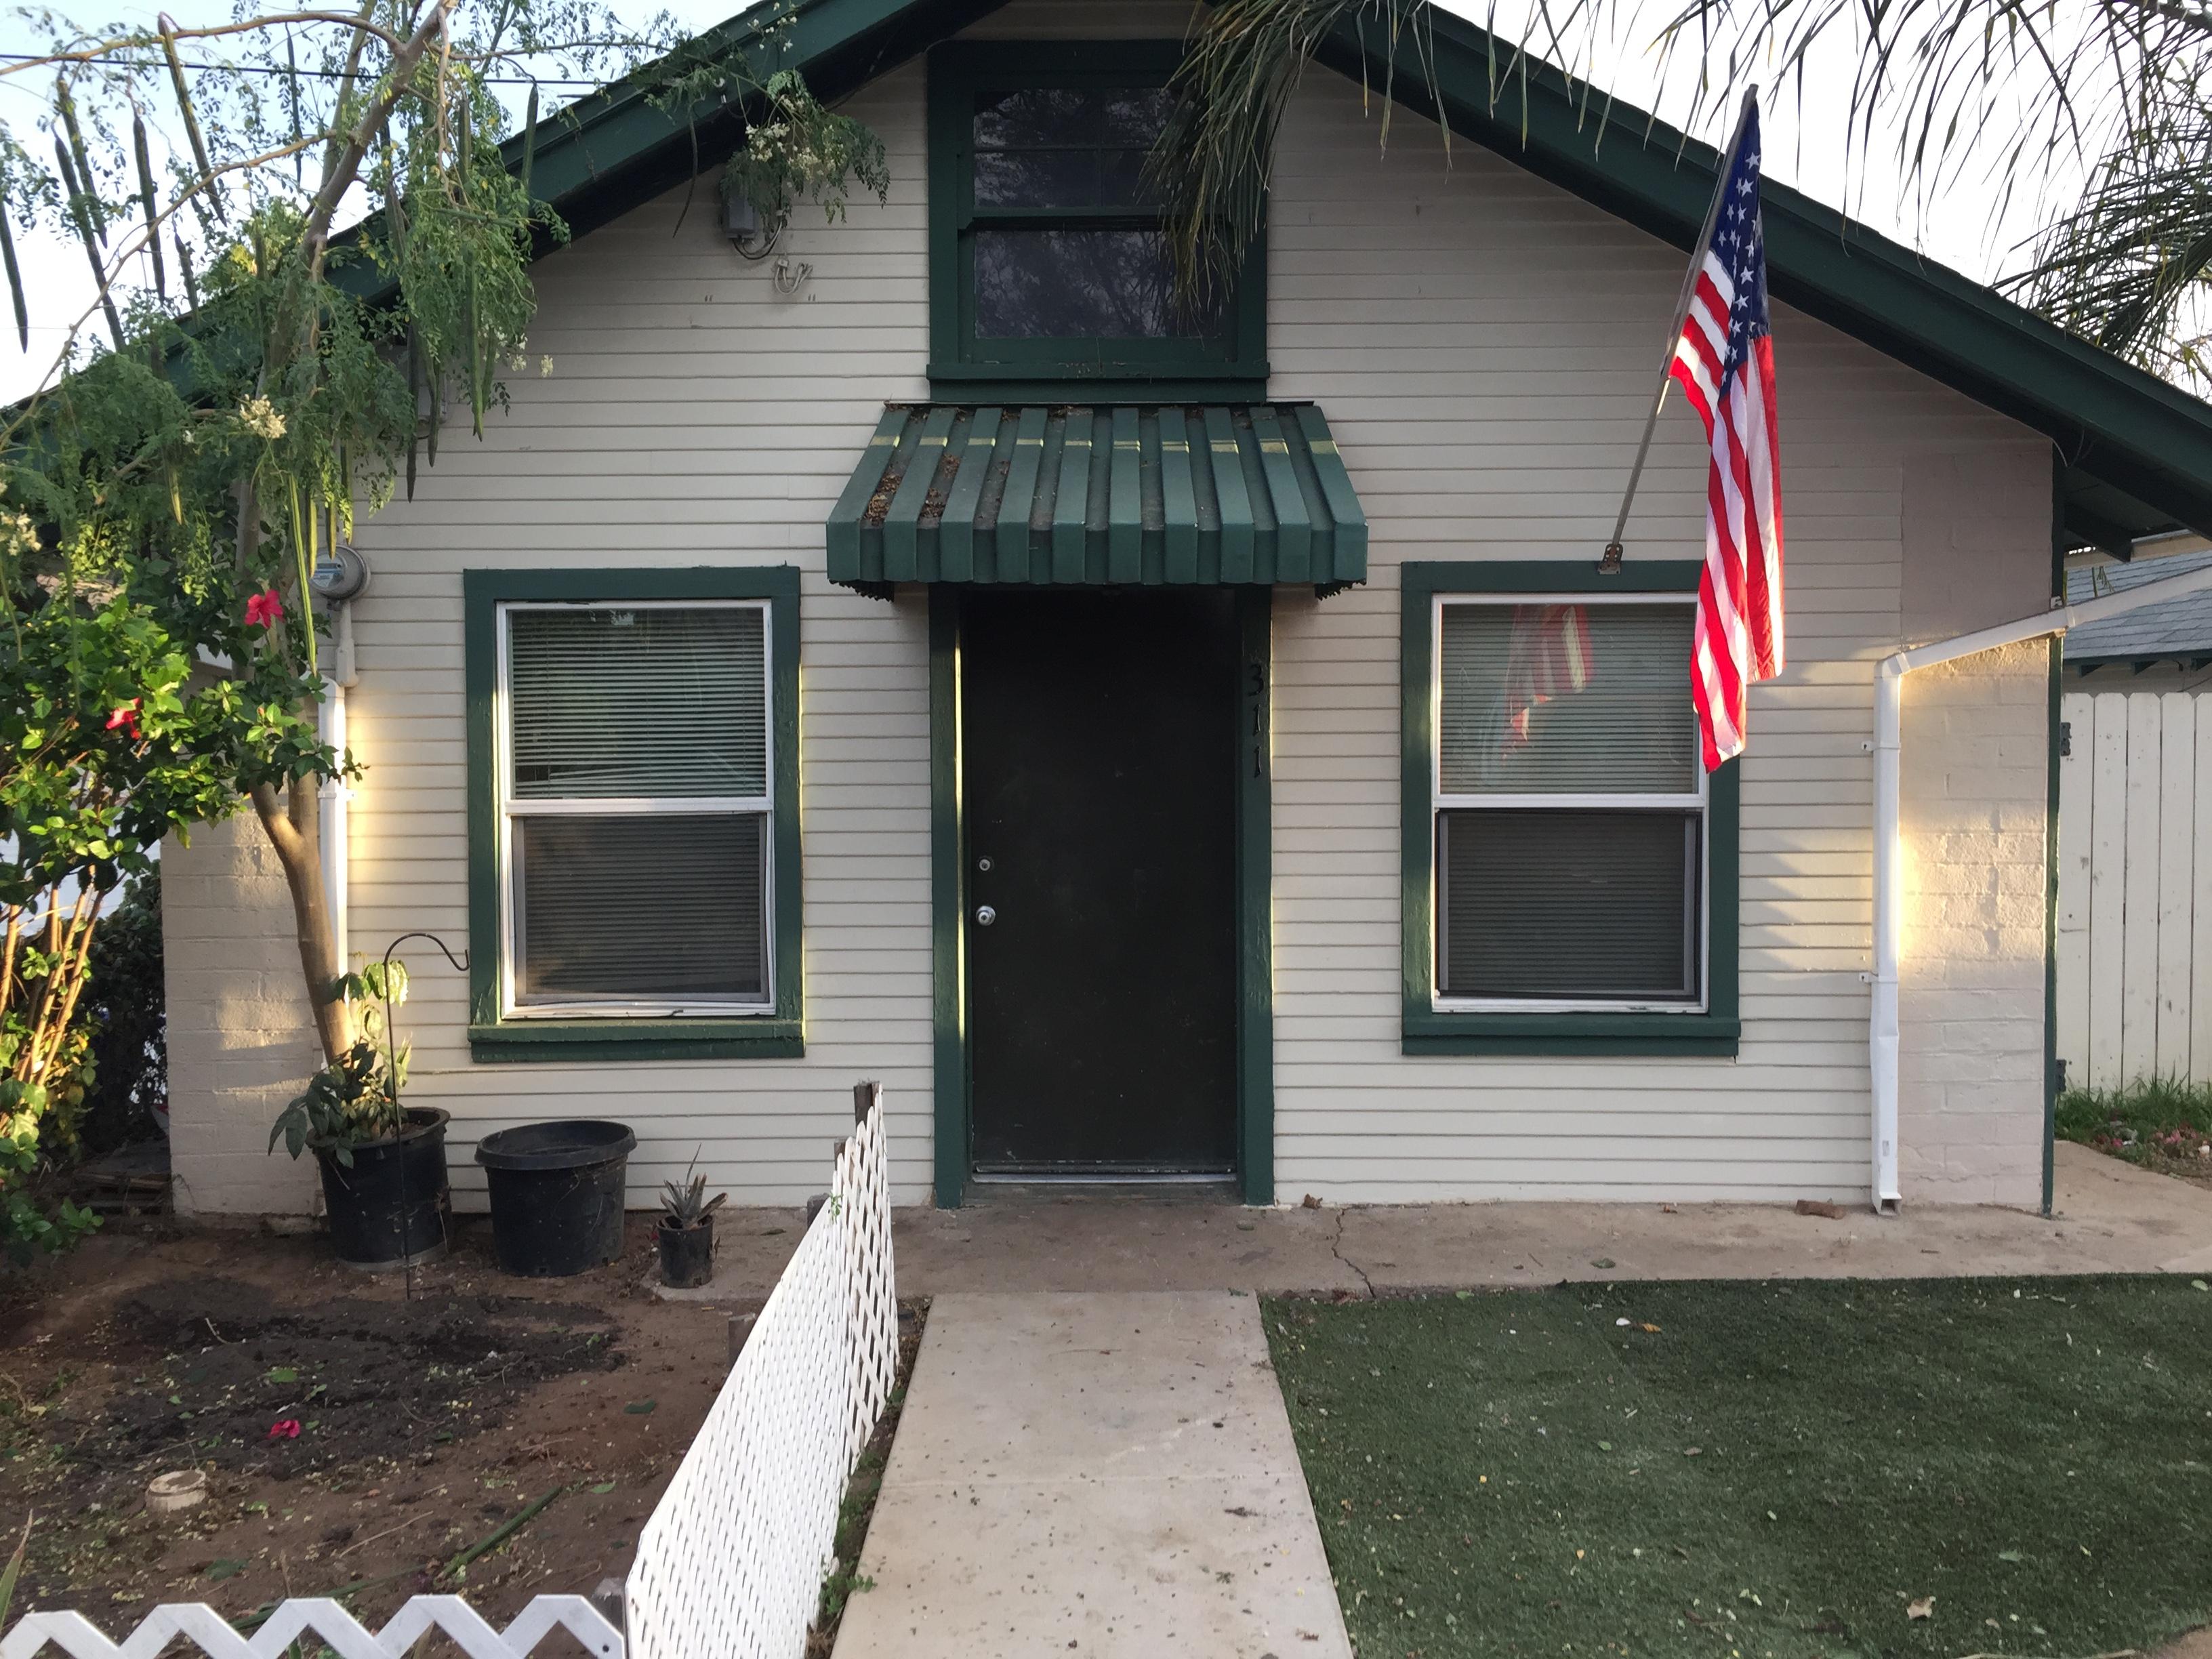 311 Washington, Vista CA 1